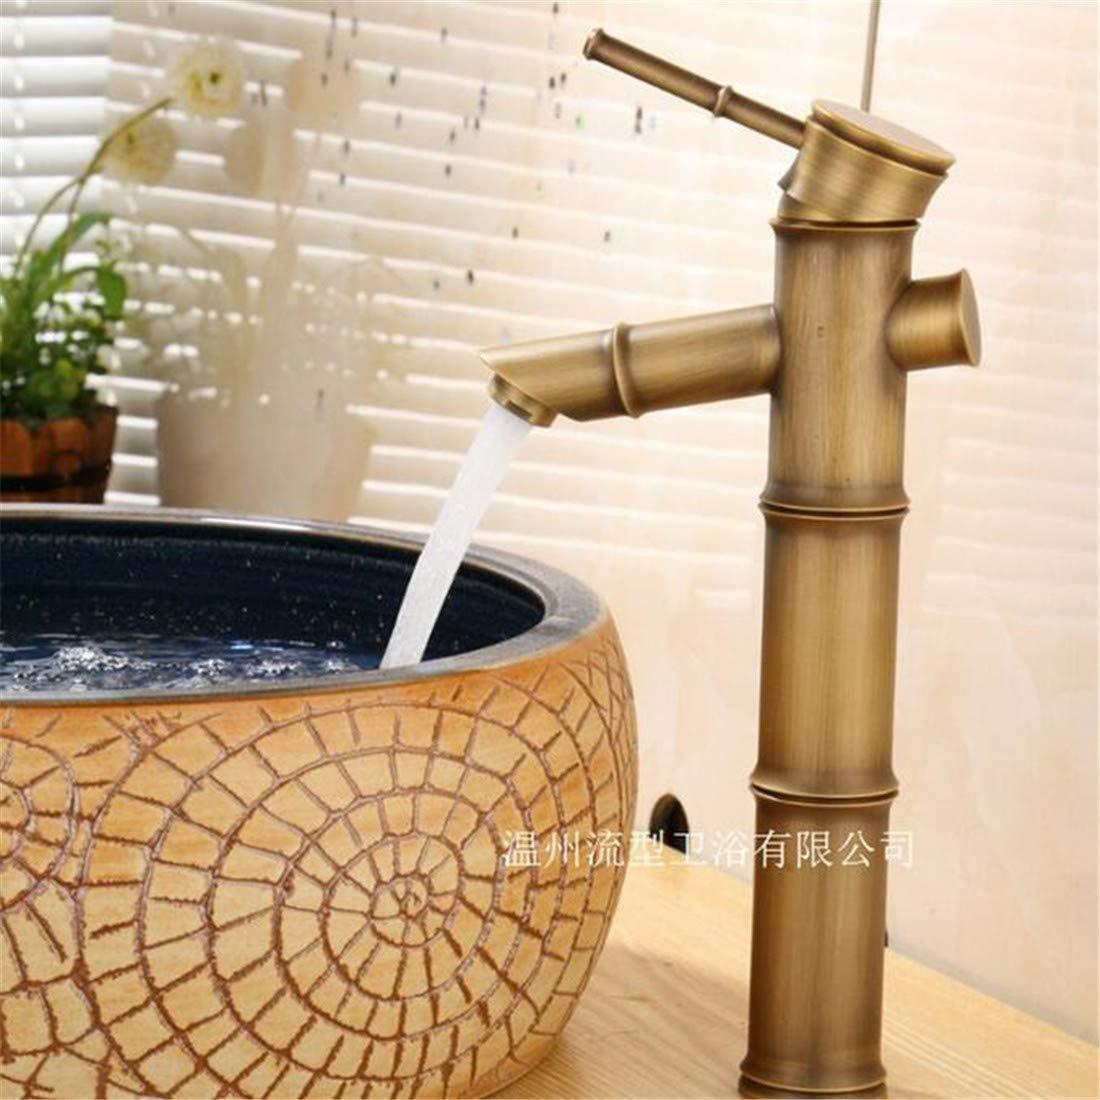 Mischbatterie Brause Drehbar Bad Spültischvintage Messing Bambus Form Einzigen Griff Ein Loch Keramikventil Heißes Und Kaltes Wasser Bad Becken Wasserhahn